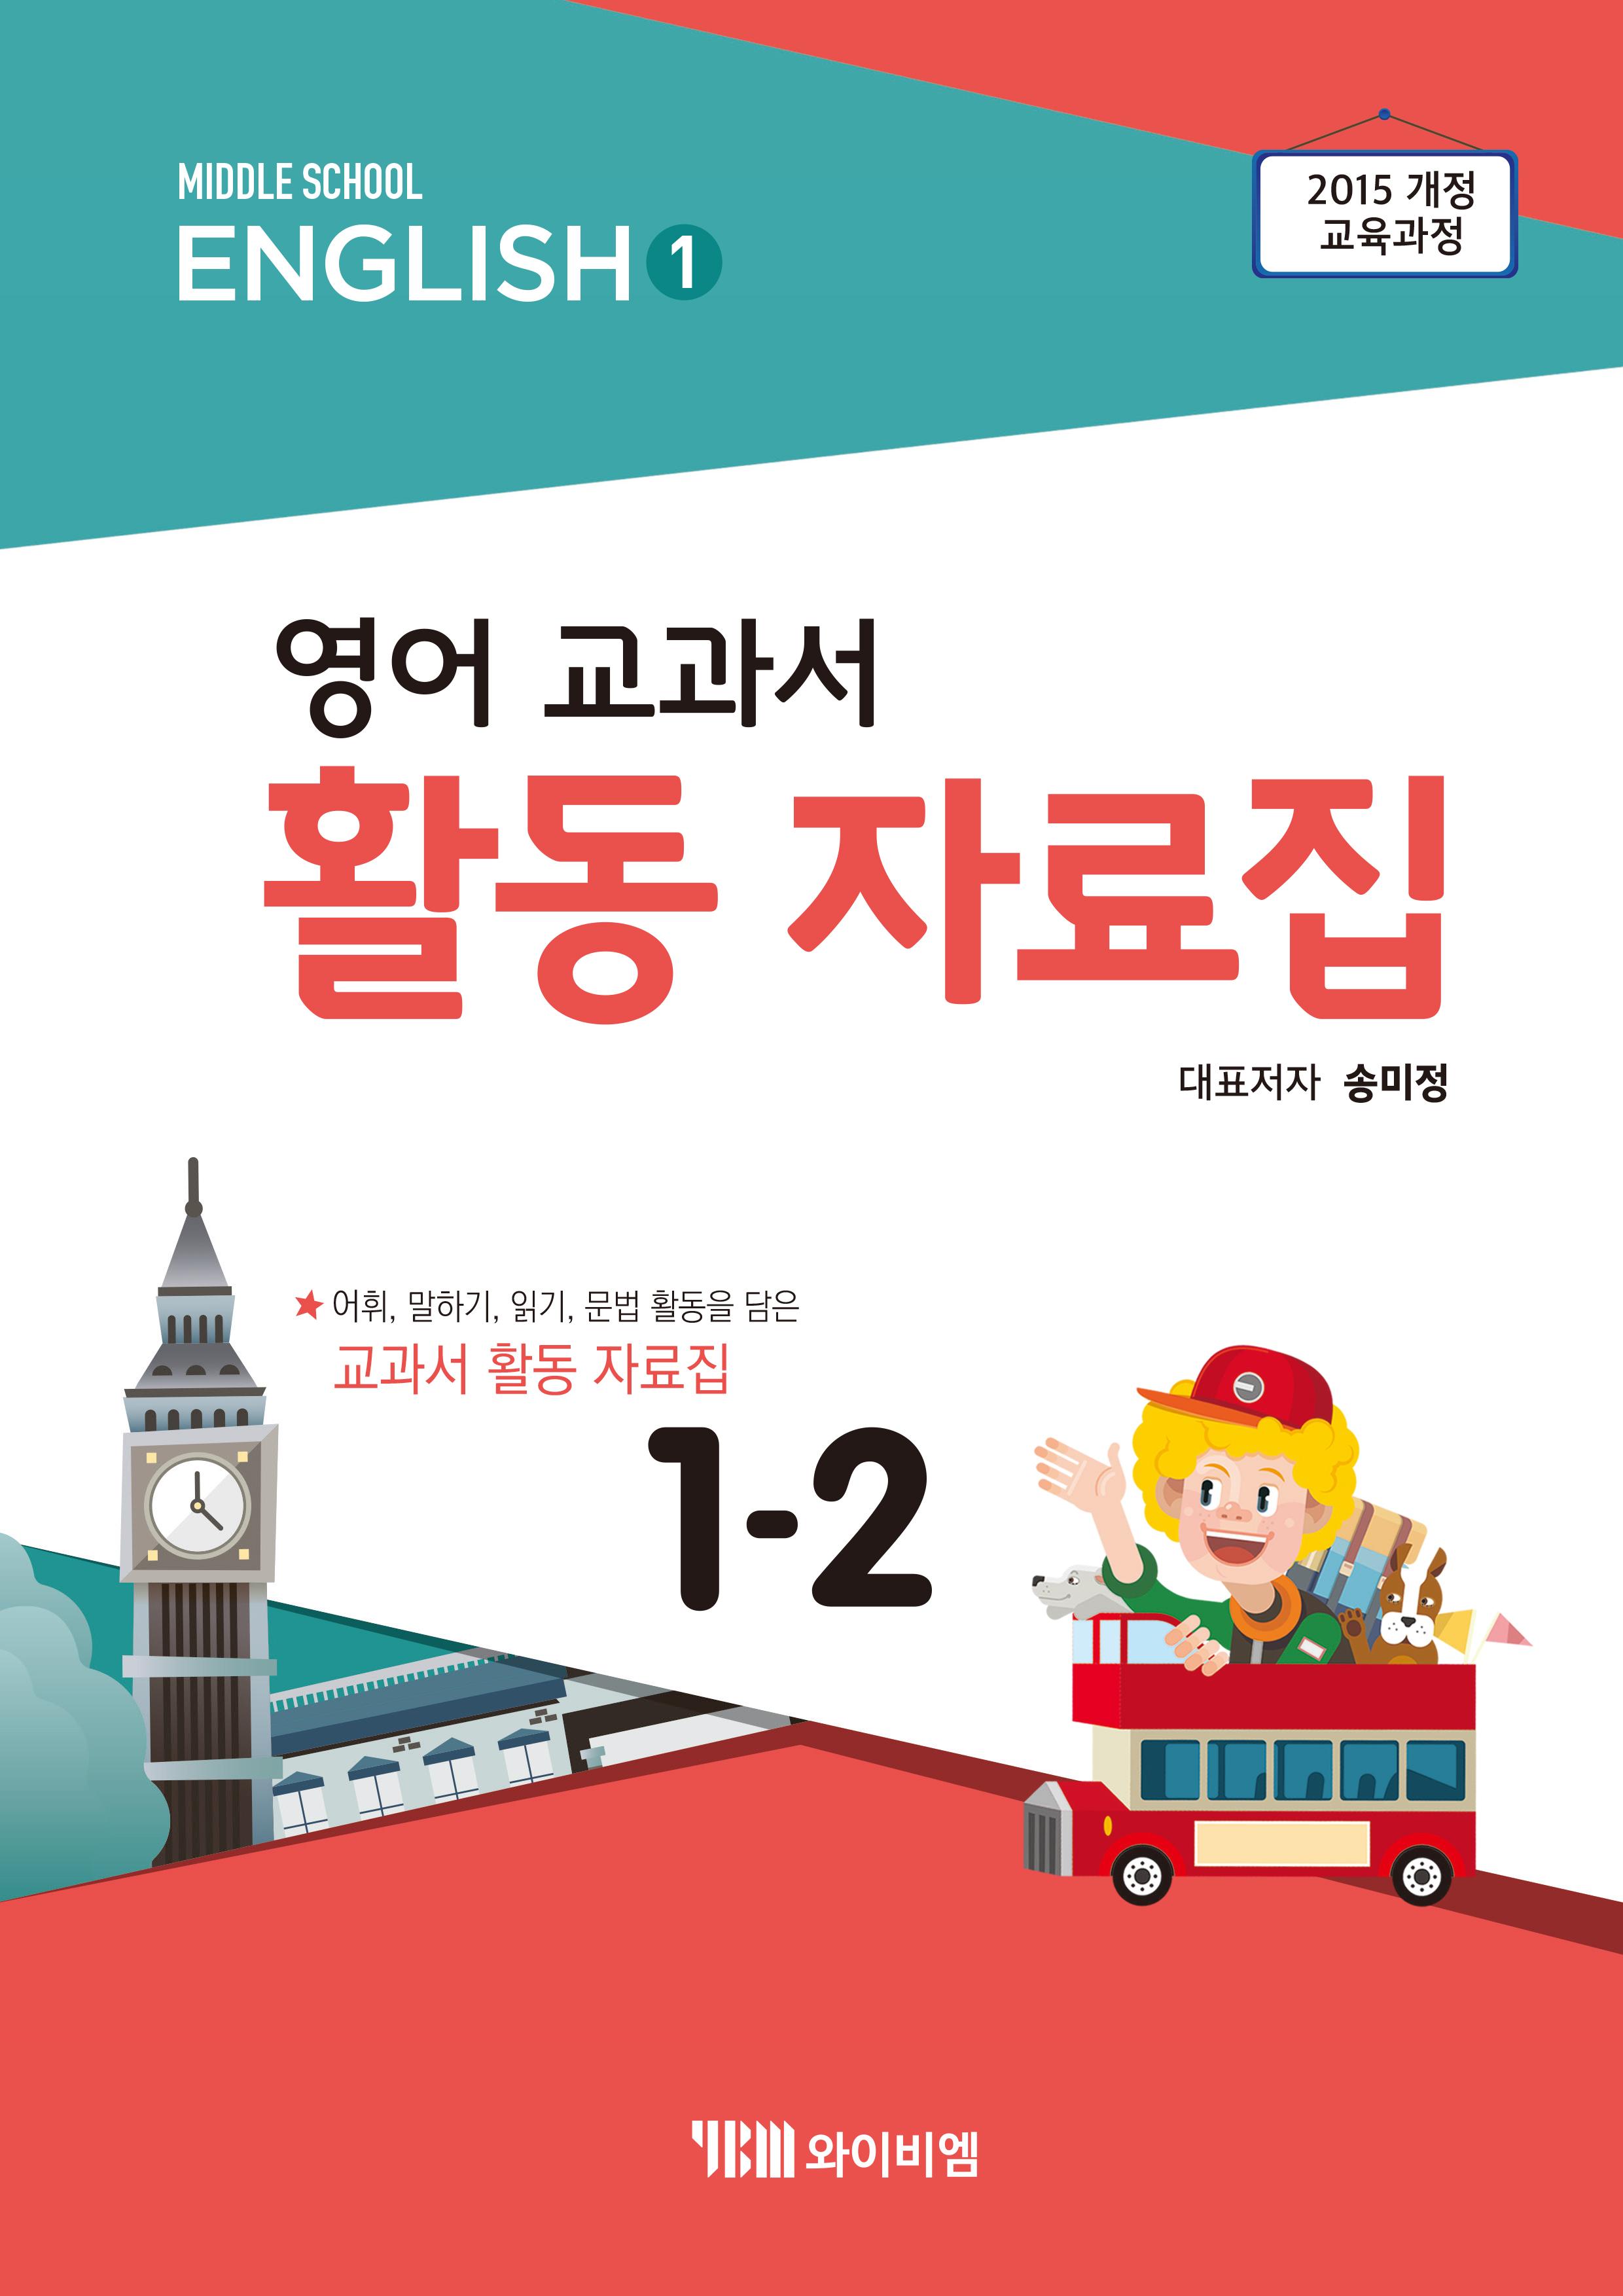 중학교 영어1(송미정) 교과서 활동 자료집